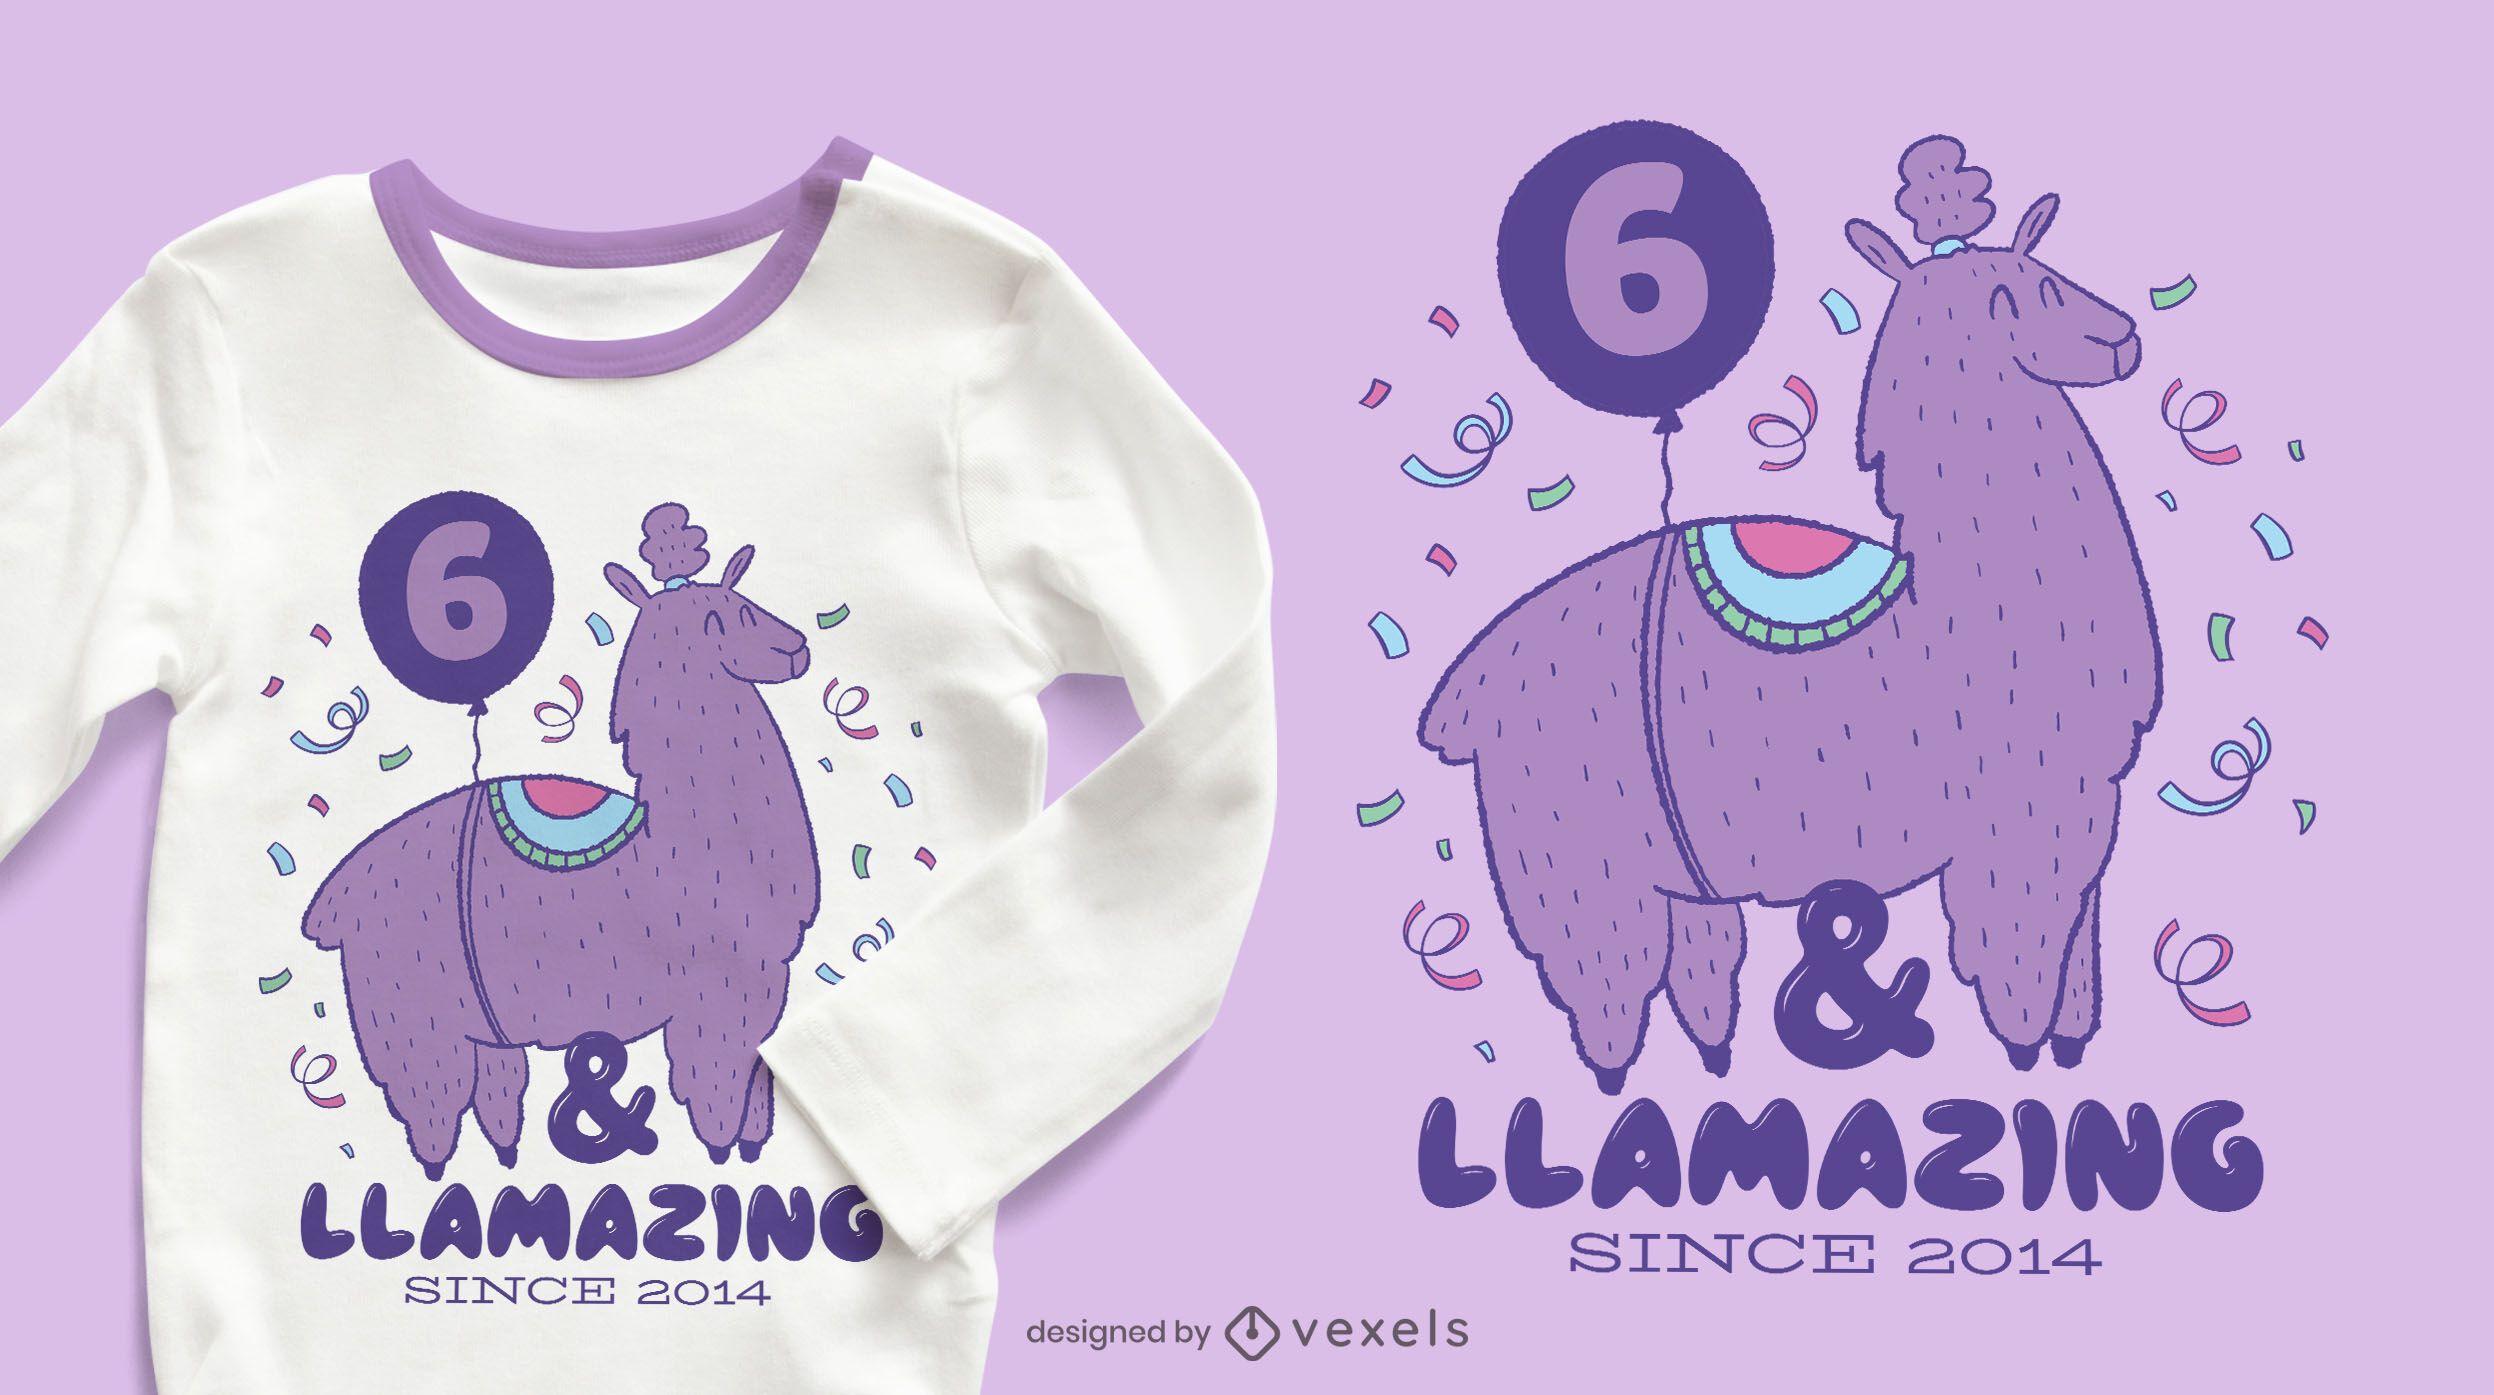 Llamazing birthday t-shirt design